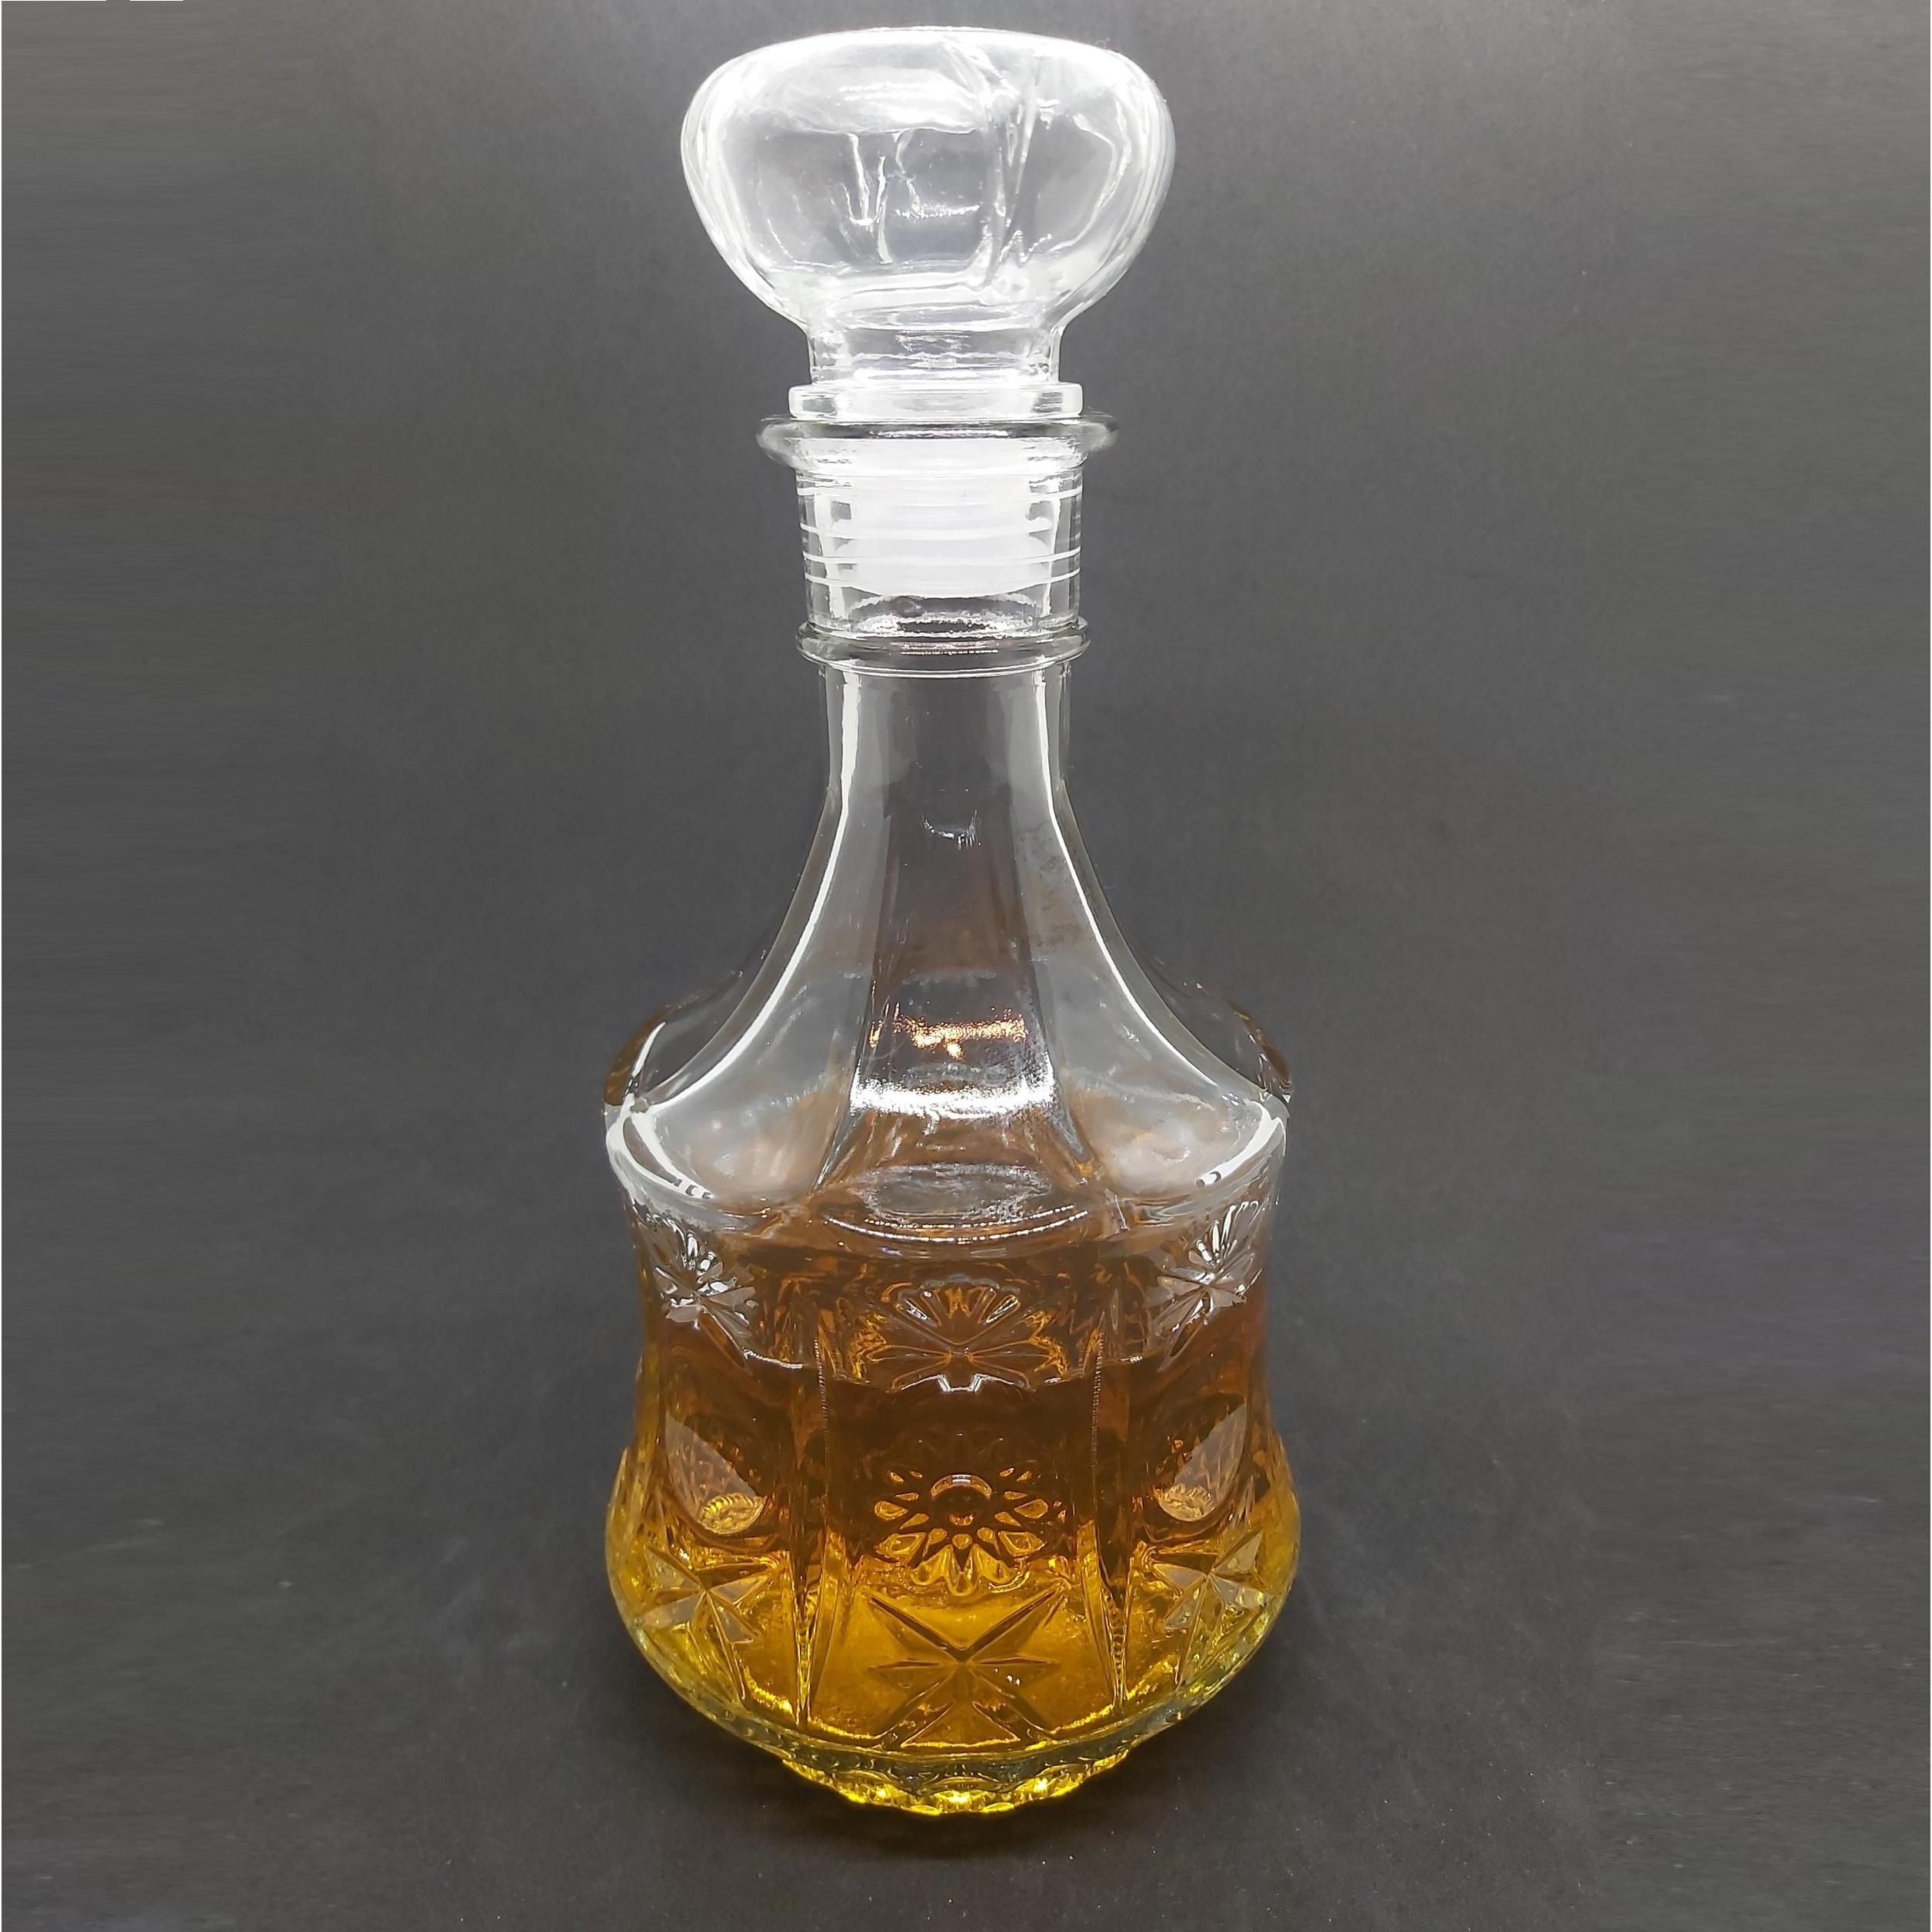 Chai Thủy Tinh đựng Rượu cao cấp Mẫu VÁT TRỤ Hoa Văn Nổi 750ML - Vỏ Chai rượu 750ml